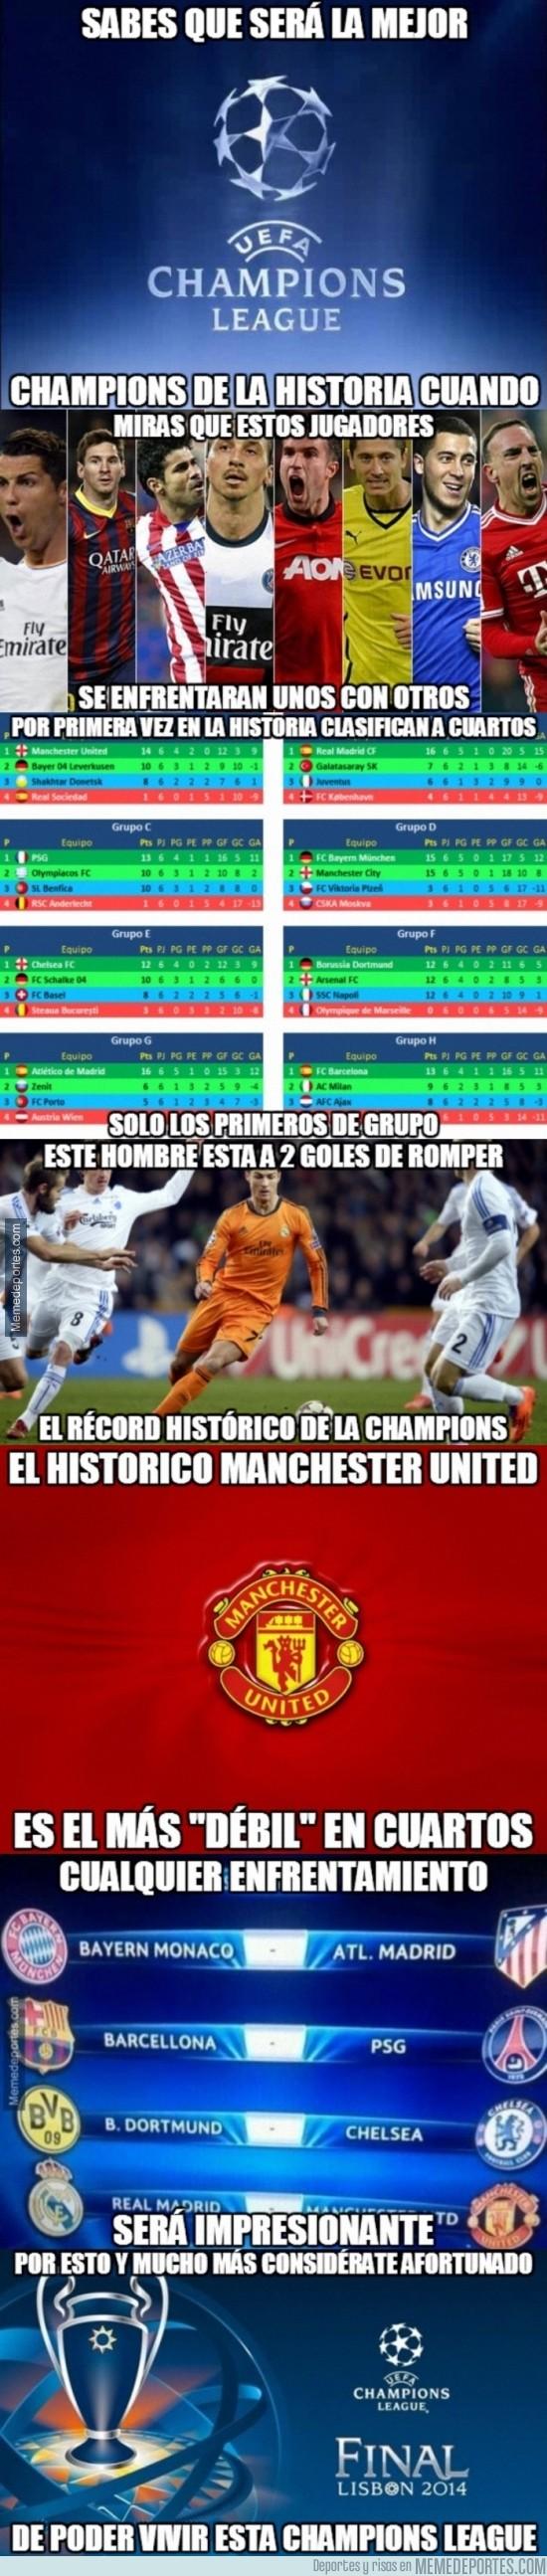 285634 - Bienvenidos a la mejor Champions League de la historia